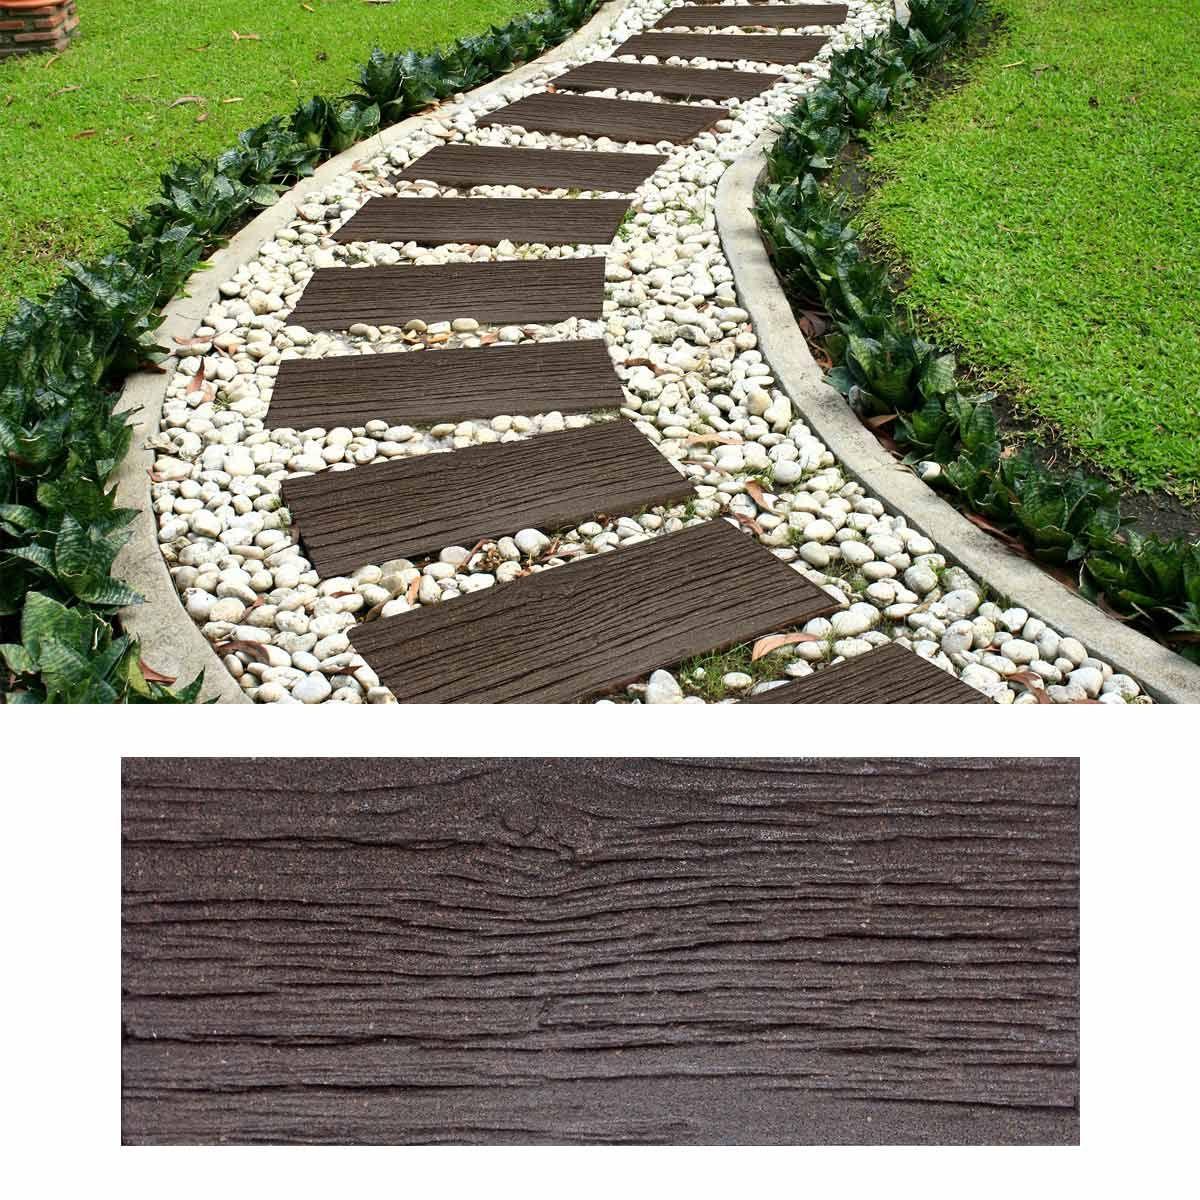 Dalle Exta C Rieure Imitation Bois Caoutchouc Recycla C 25x60cm Dalle Exterieur Dalle Jardin Jardins En Bois